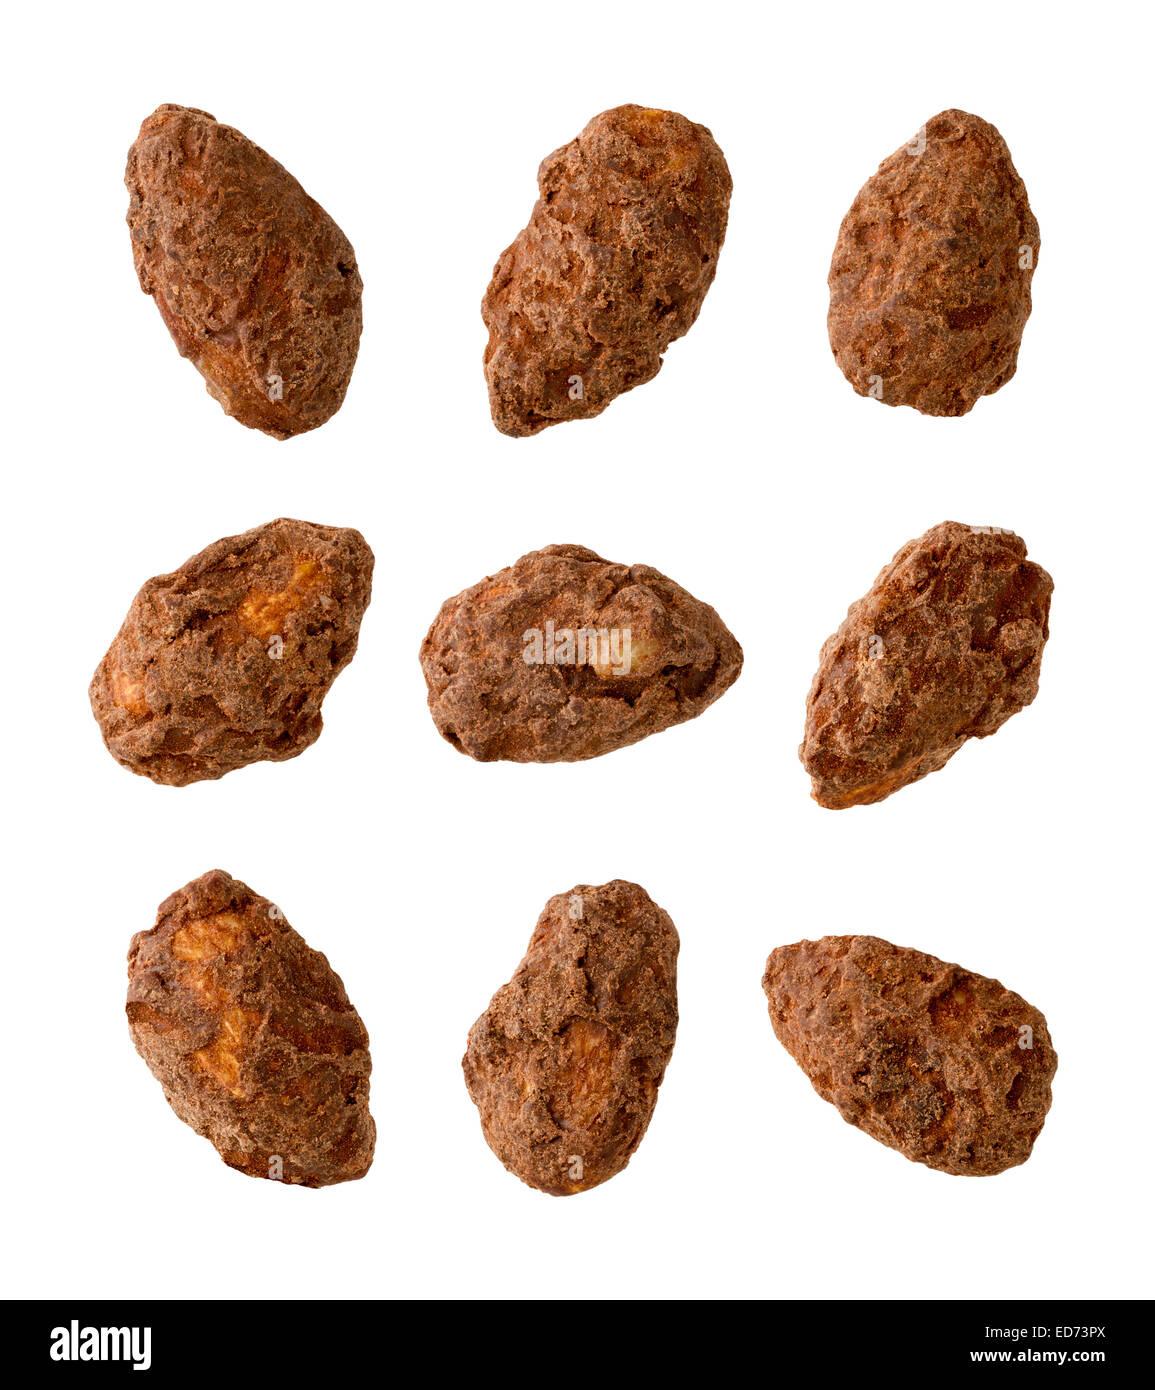 Nine Chocolate Coated Almonds. - Stock Image